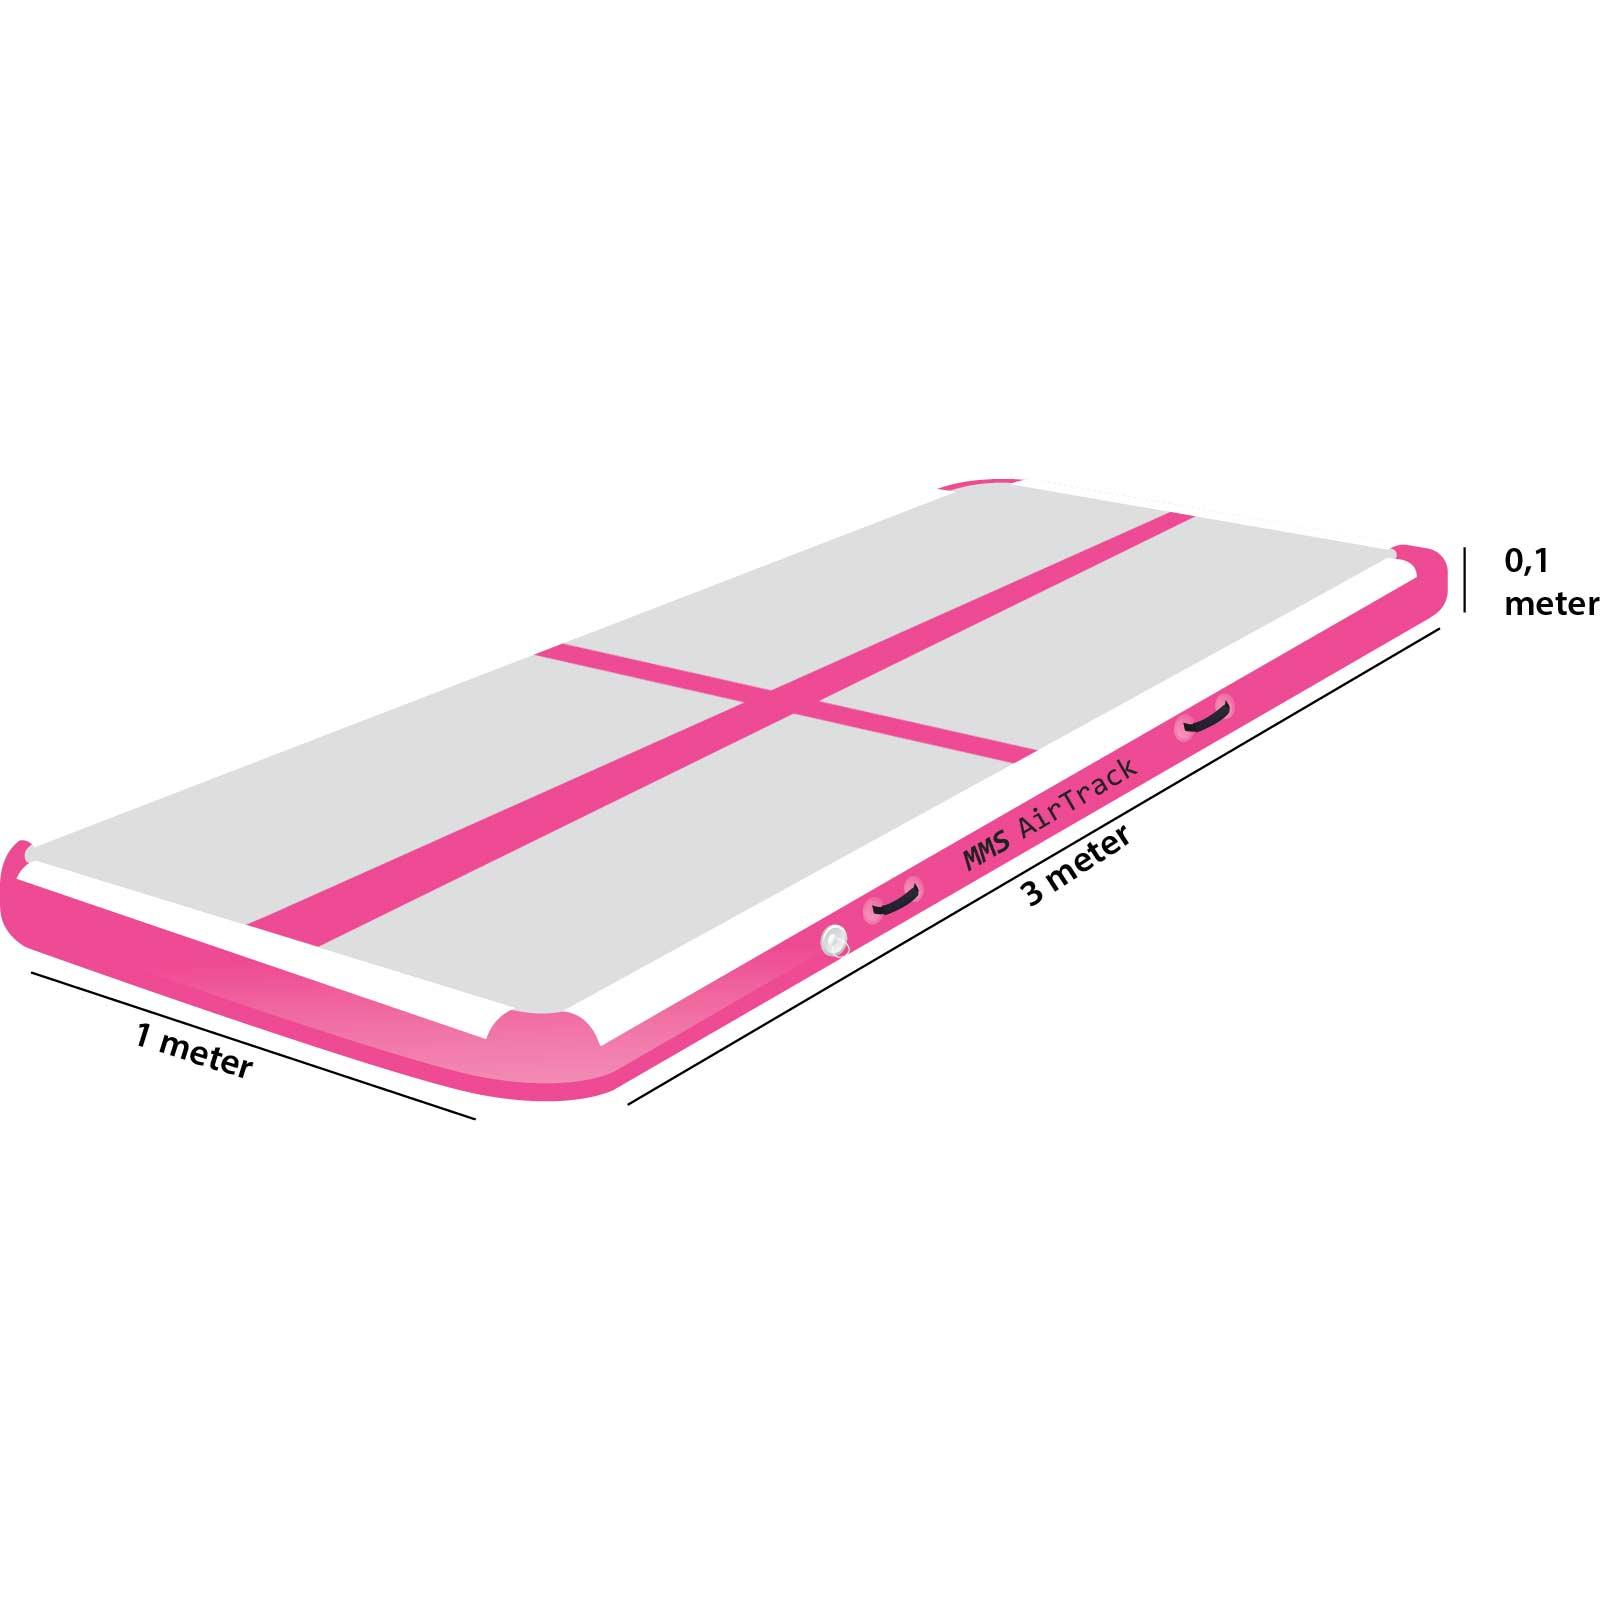 Airtrack 3 met x 1 x 0,1 roze